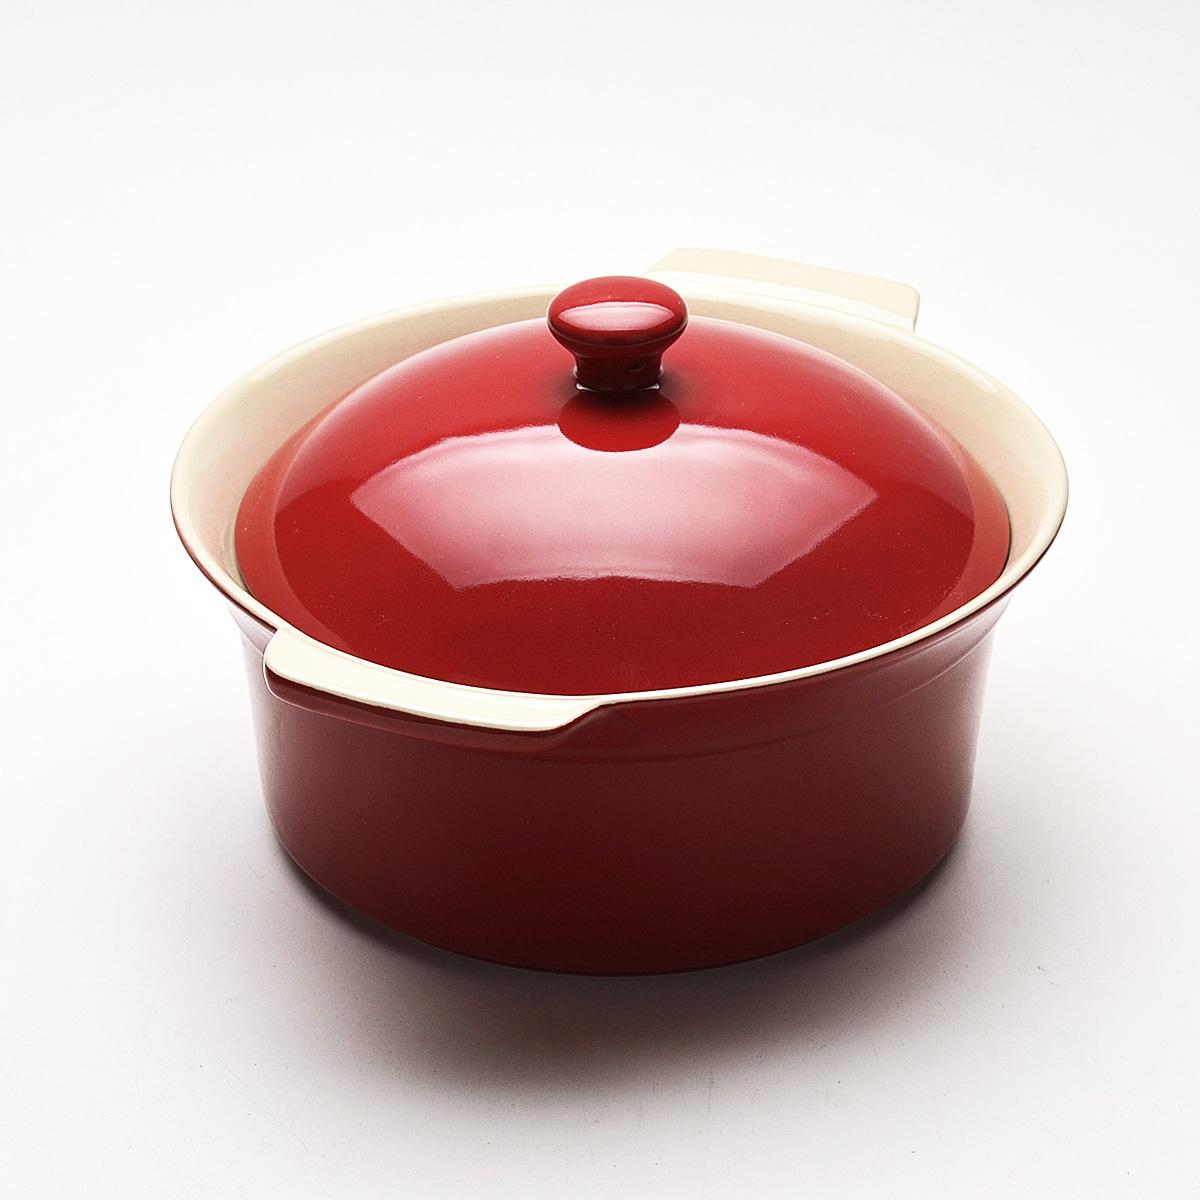 Жаровня Mayer & Boch с крышкой, цвет: красный, 2,3 л. 2181421814Жаровня Mayer & Boch, изготовленная из жаропрочной керамики, подходит для любого вида пищи. Элегантный дизайн идеально подходит для современного дома. В комплект входит крышка из керамики. Глиняные ручки обеспечивают надежный захват. Изделия из керамики идеально подходят как для приготовления пищи, так и для подачи на стол. Материал не содержит свинца и кадмия. С такой жаровней вы всегда сможете порадовать своих близких оригинальным блюдом. Жаровню можно использовать на газовой, электрической плите, в микроволновой печи, в духовом шкафу, замораживать в холодильнике. Можно мыть в посудомоечной машине. Размер (с учетом ручек): 29,3 см х 25,3 см. Высота стенок: 11 см. Толщина стенок: 6-7 мм. Диаметр основания: 19 см.